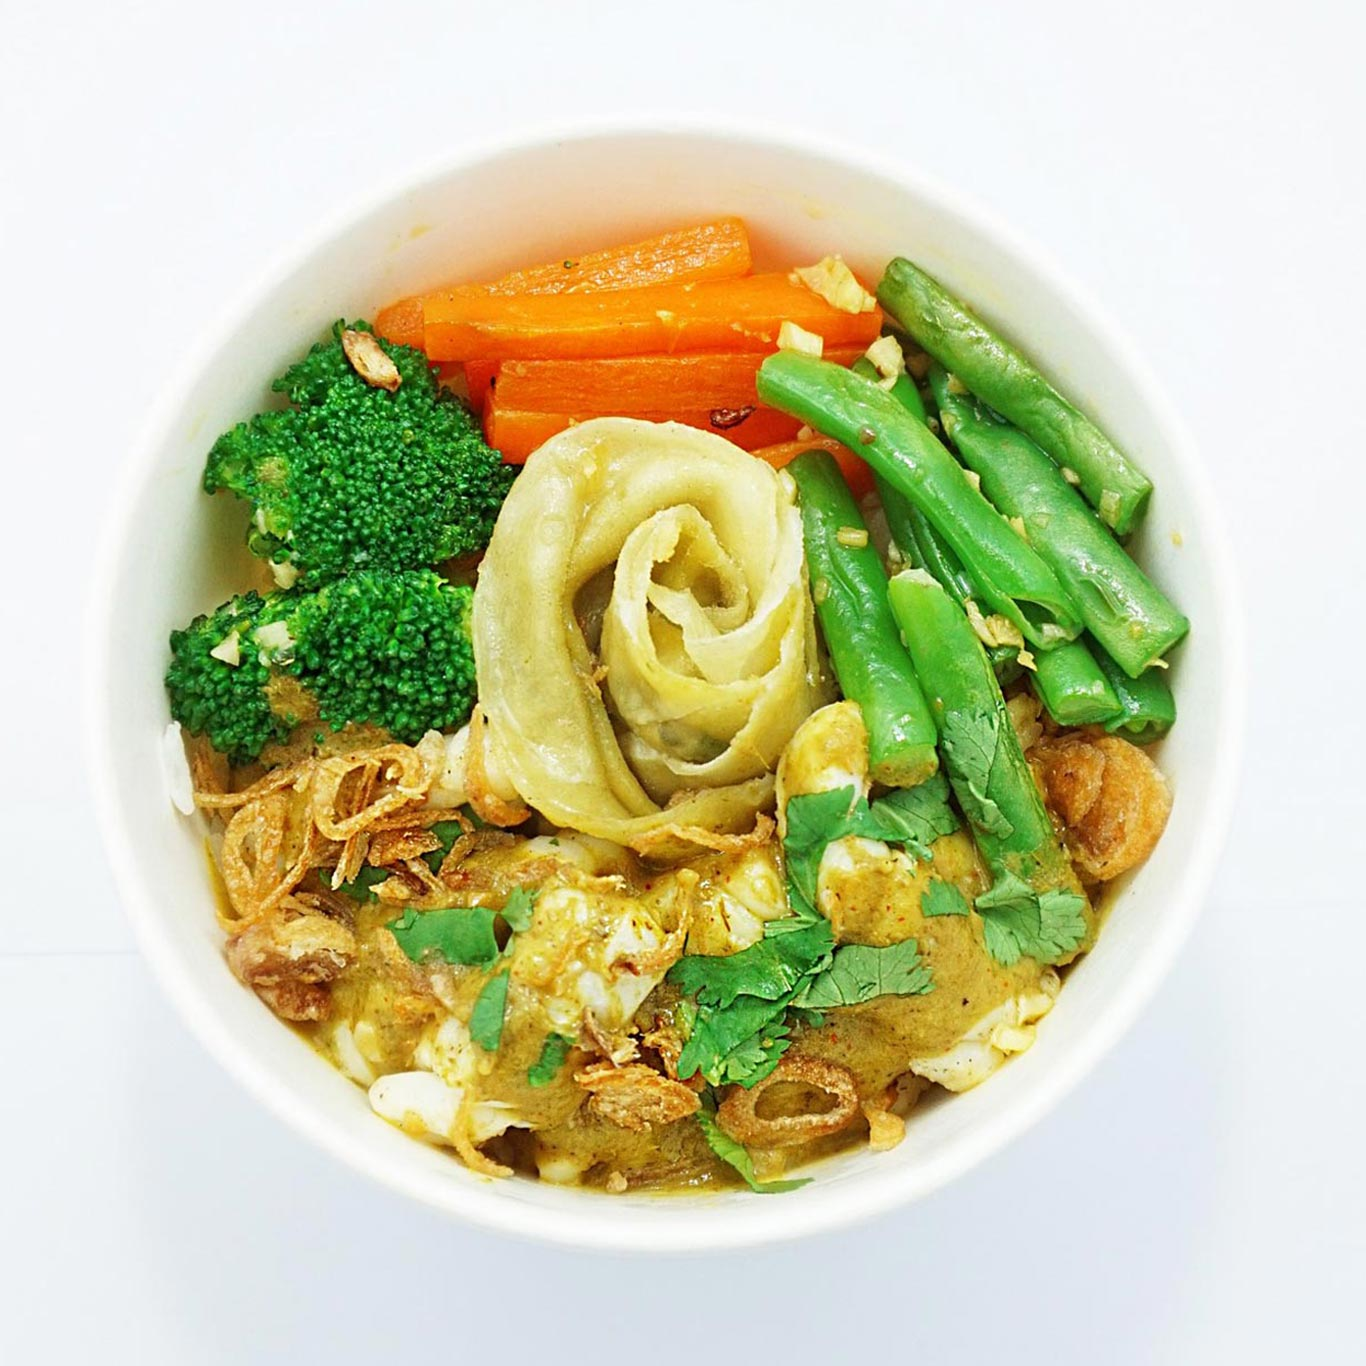 Lopodo Canggu Rice Bowl, Halal food in Bali